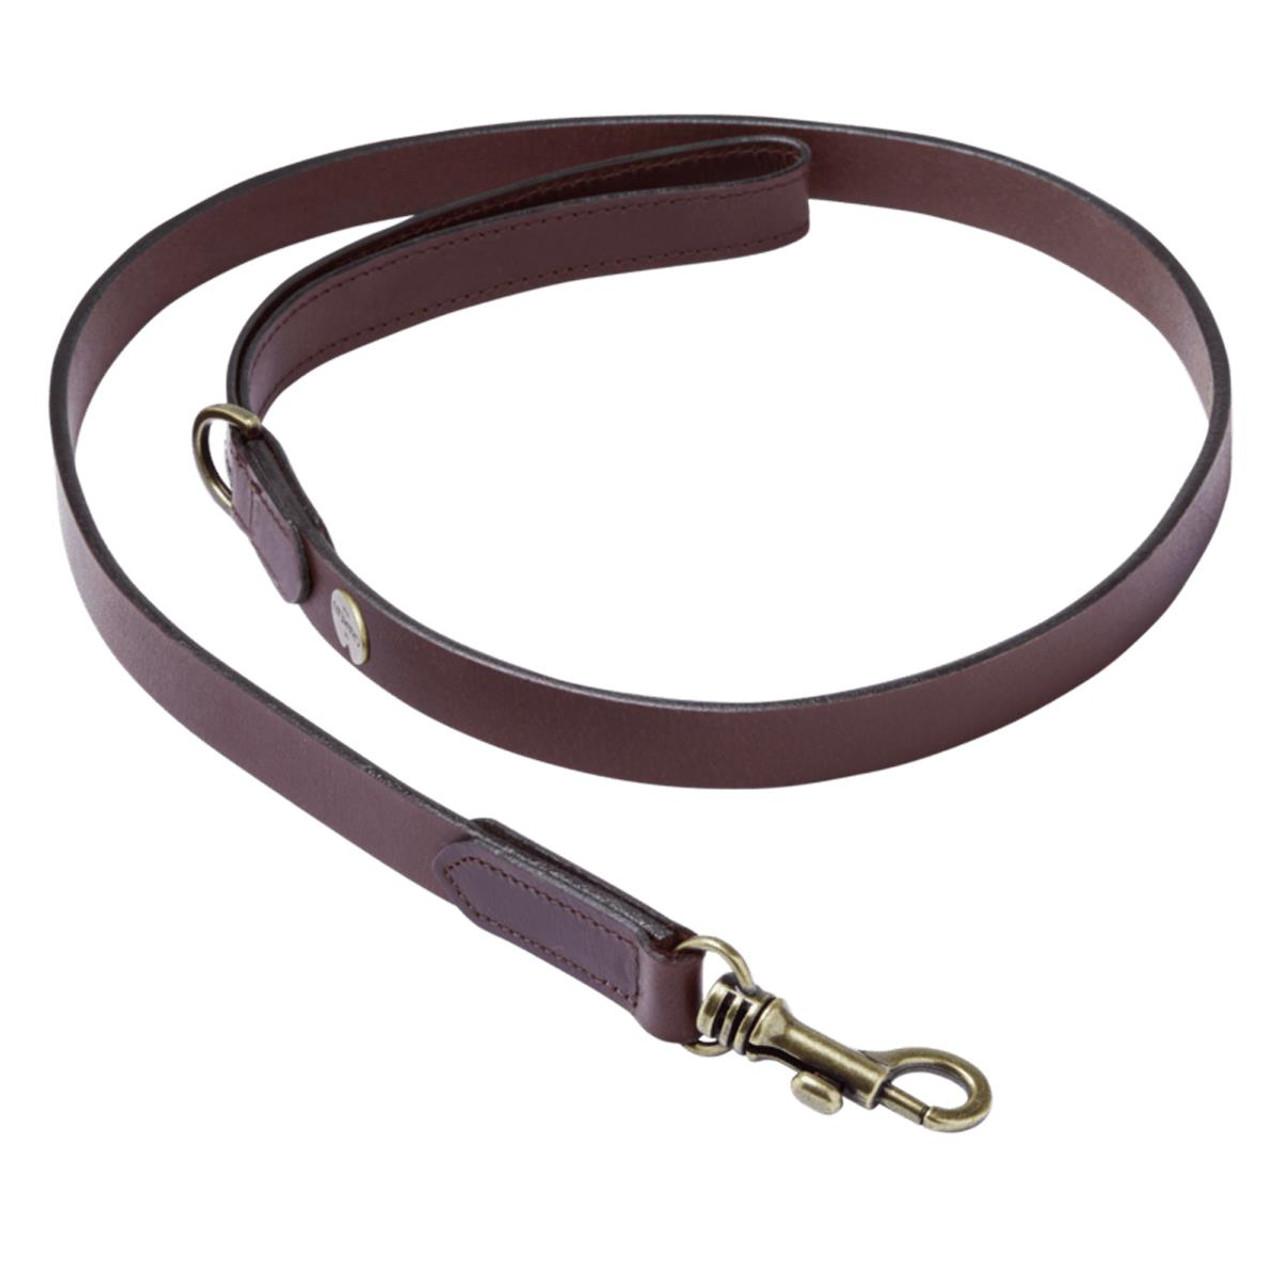 Marron Fonce Le Chameau Leather Dog Lead